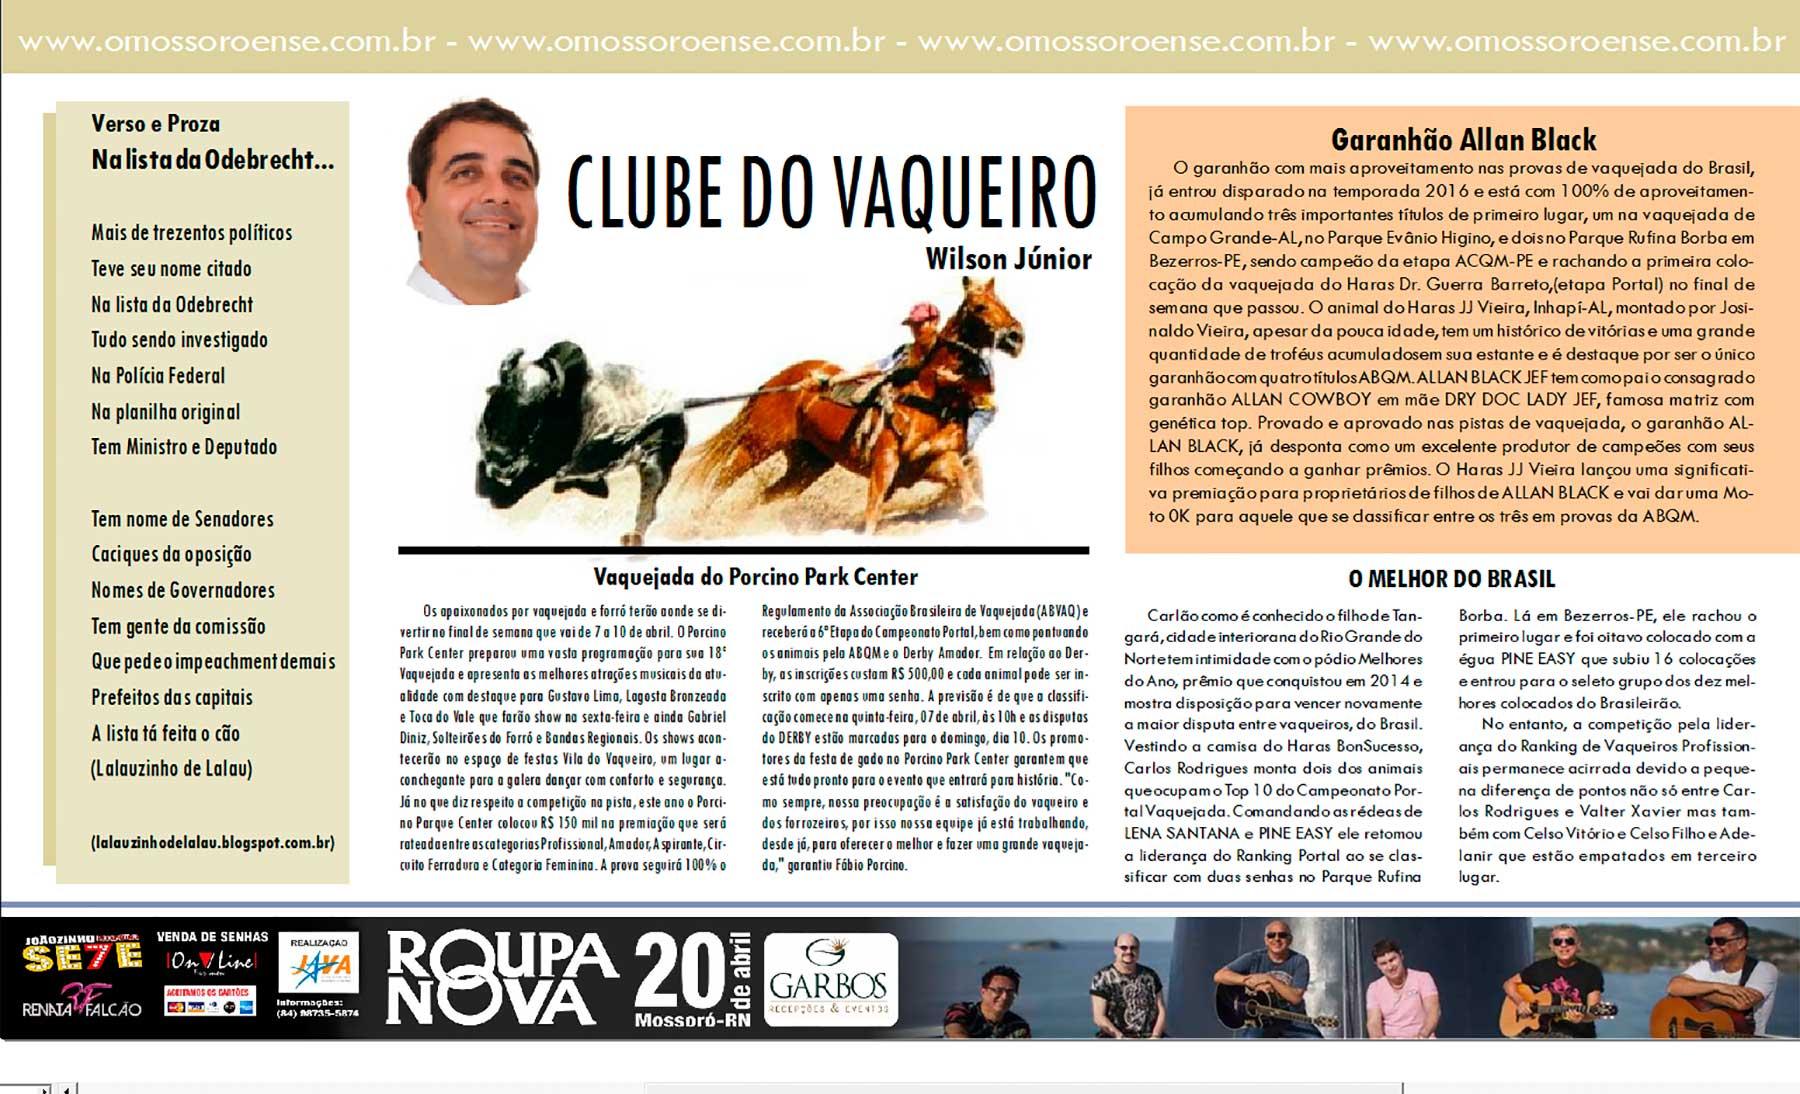 CLUBE-DO-VAQUEIRO---27-03-2016